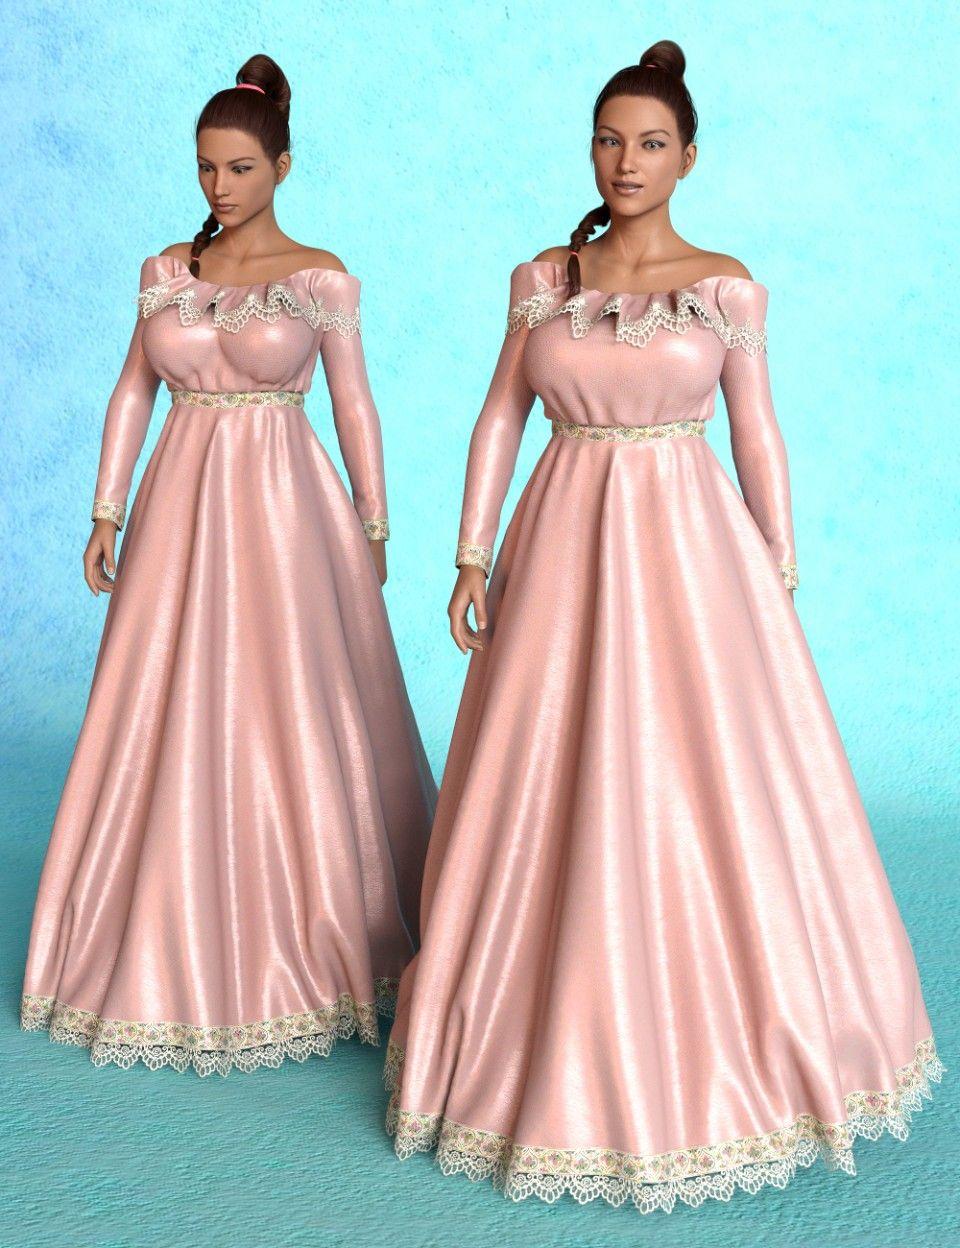 SY Clothing Breast Helper Genesis 8 Female   Daz Poser